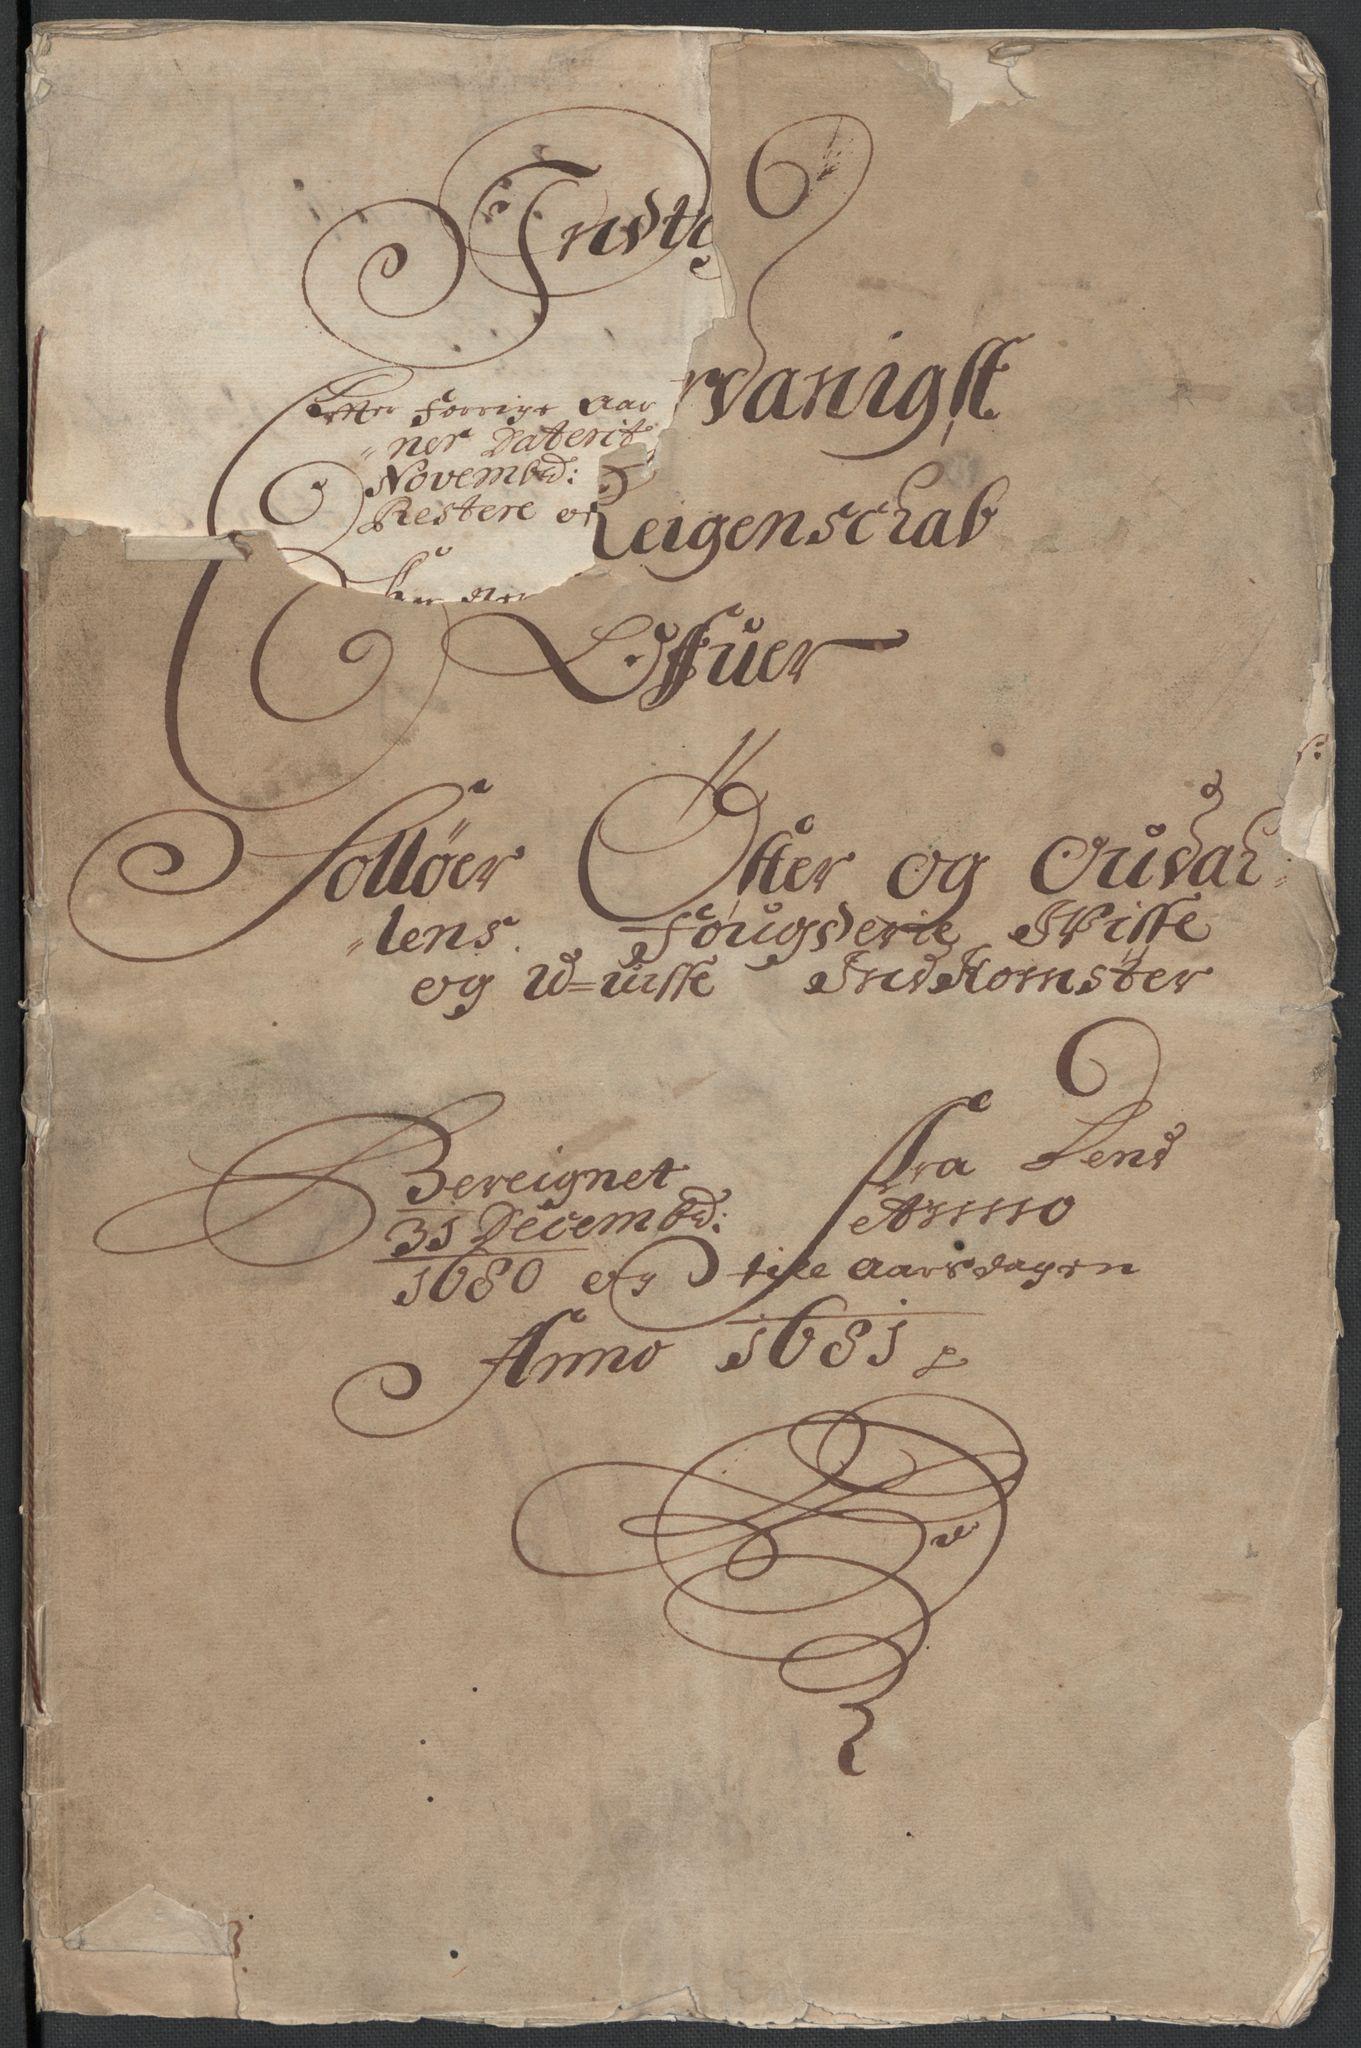 RA, Rentekammeret inntil 1814, Reviderte regnskaper, Fogderegnskap, R13/L0818: Fogderegnskap Solør, Odal og Østerdal, 1681, s. 2